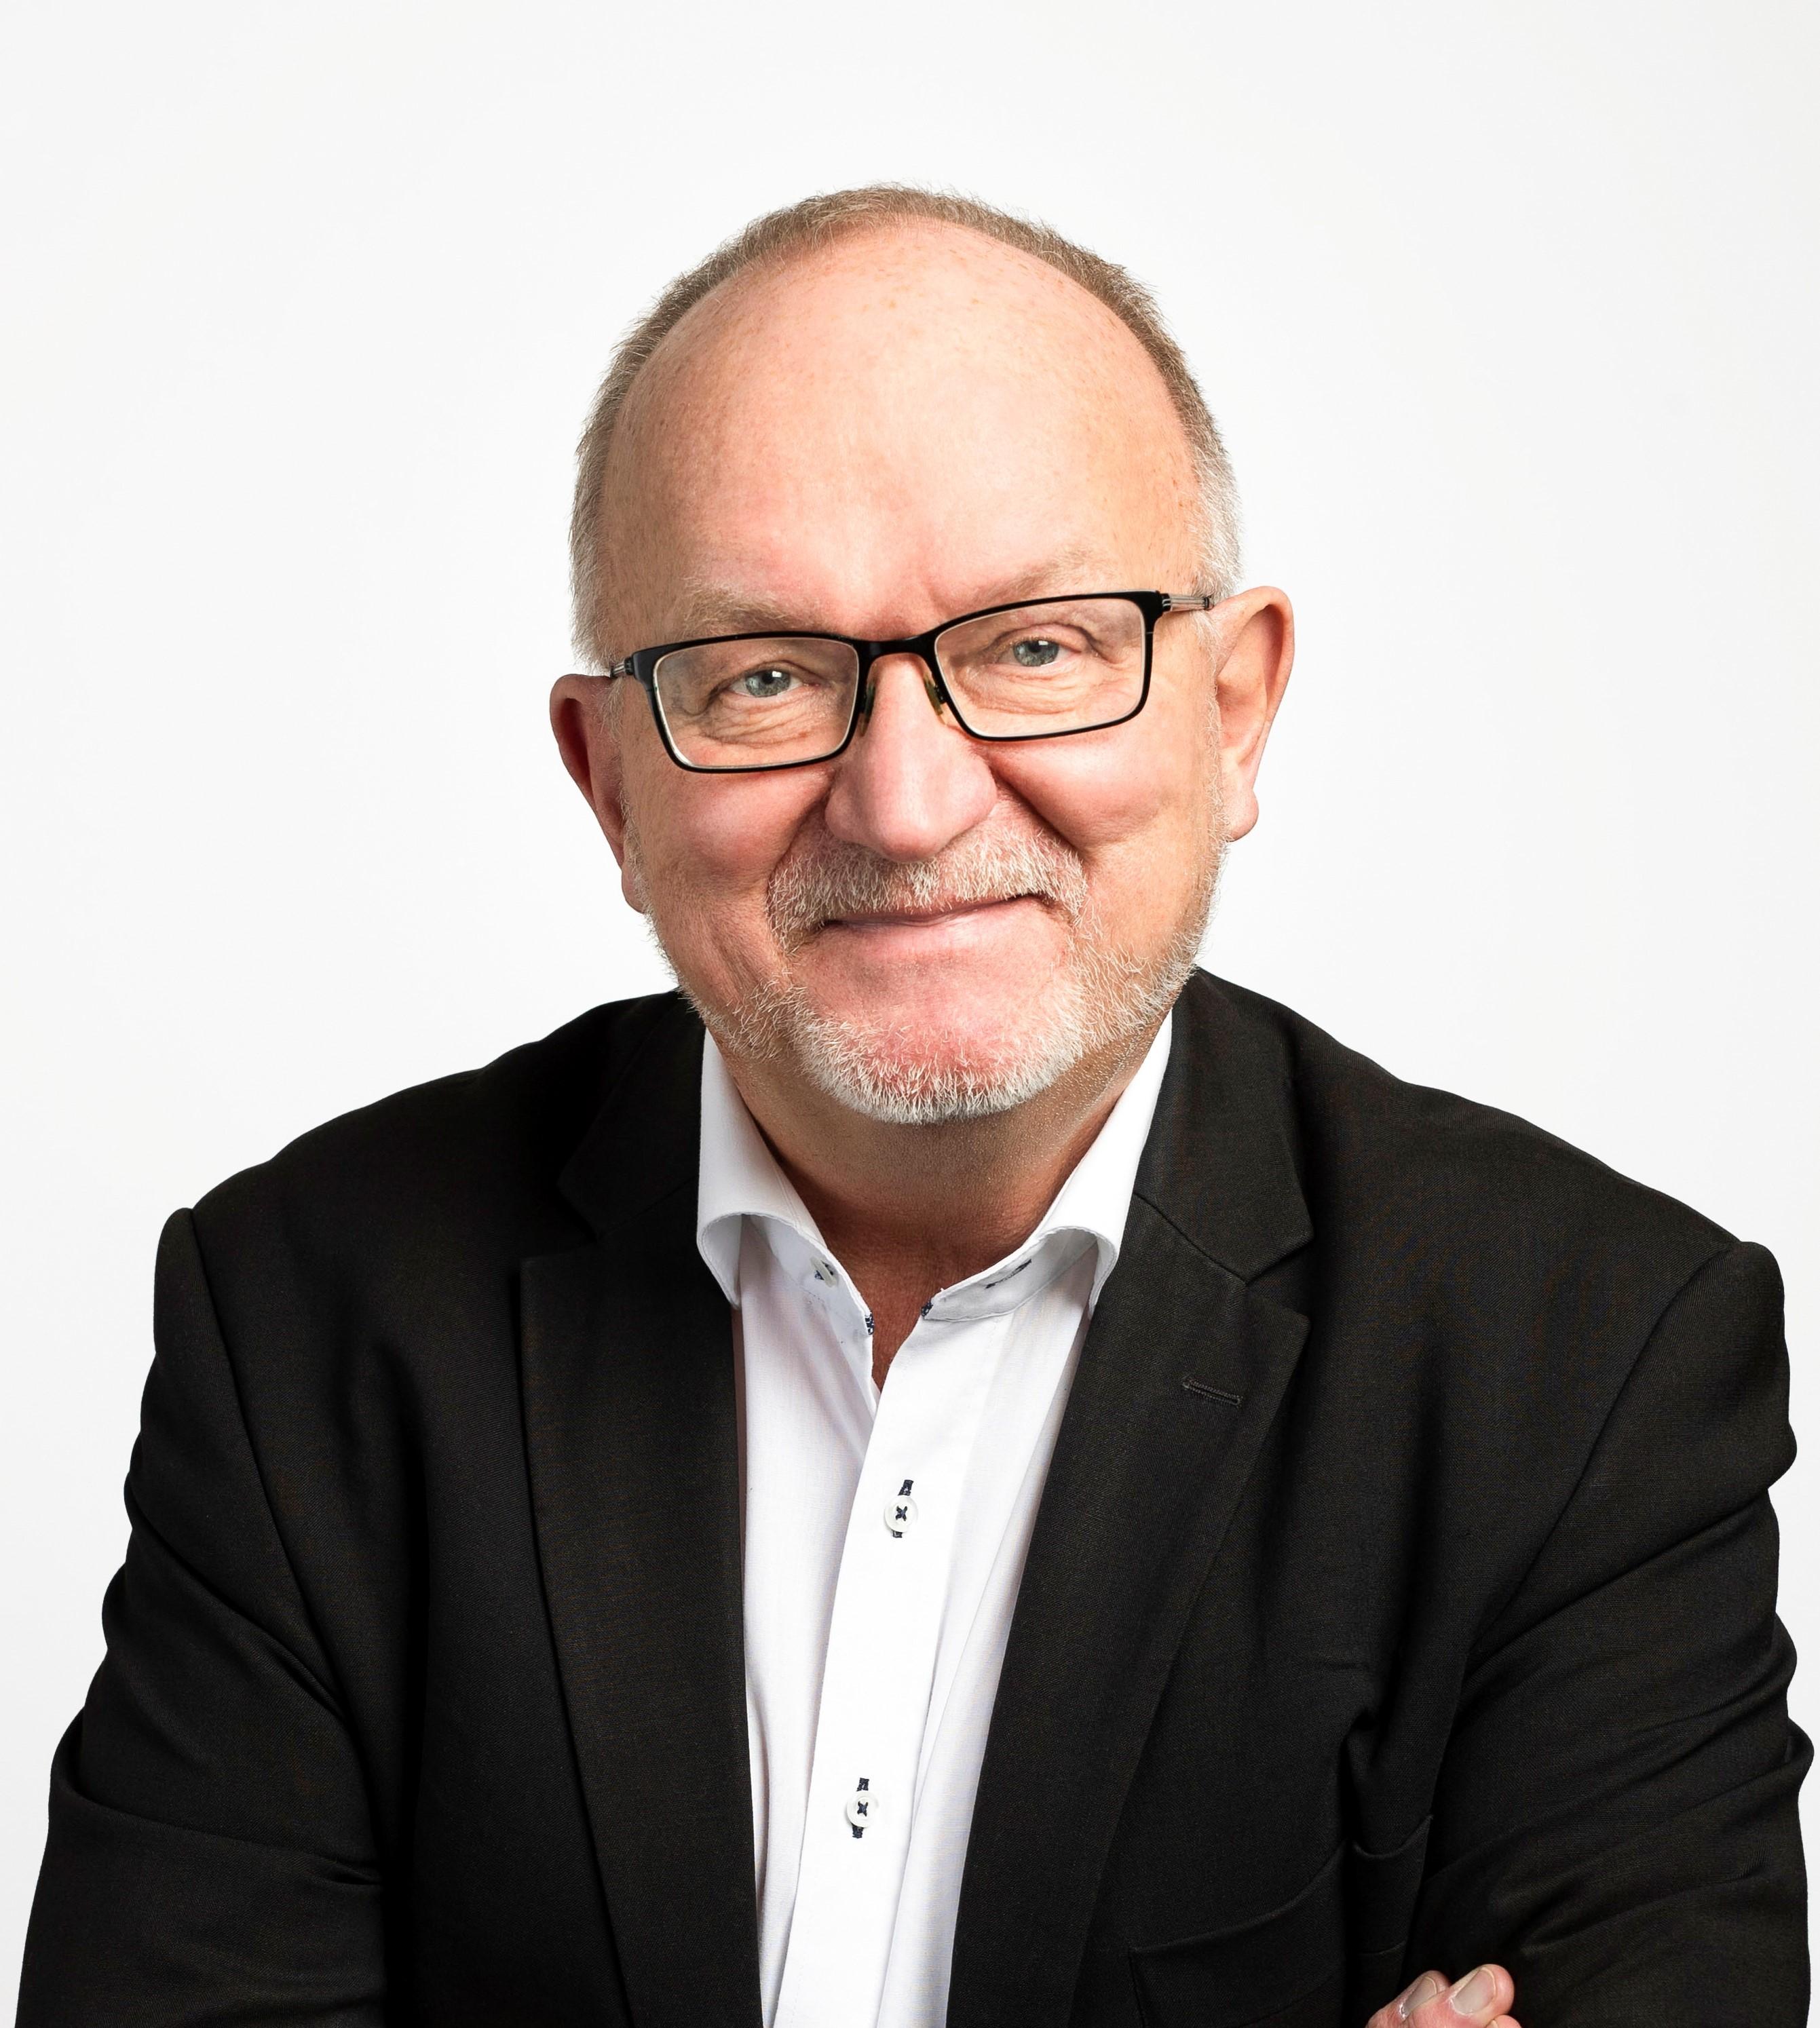 Jens Kramer Mikkelsen